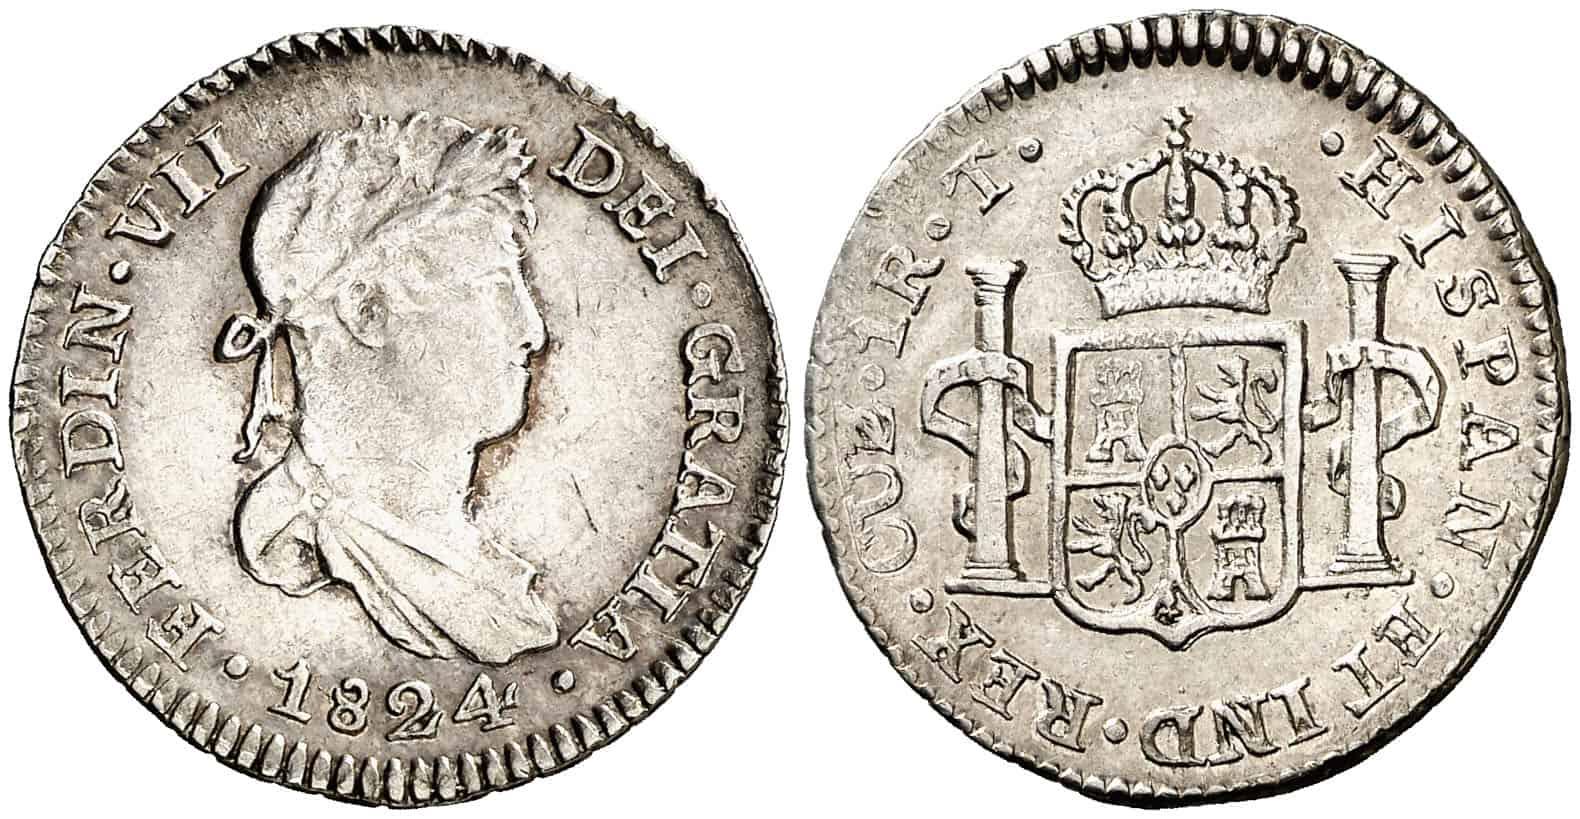 1 real Cuzco 1824